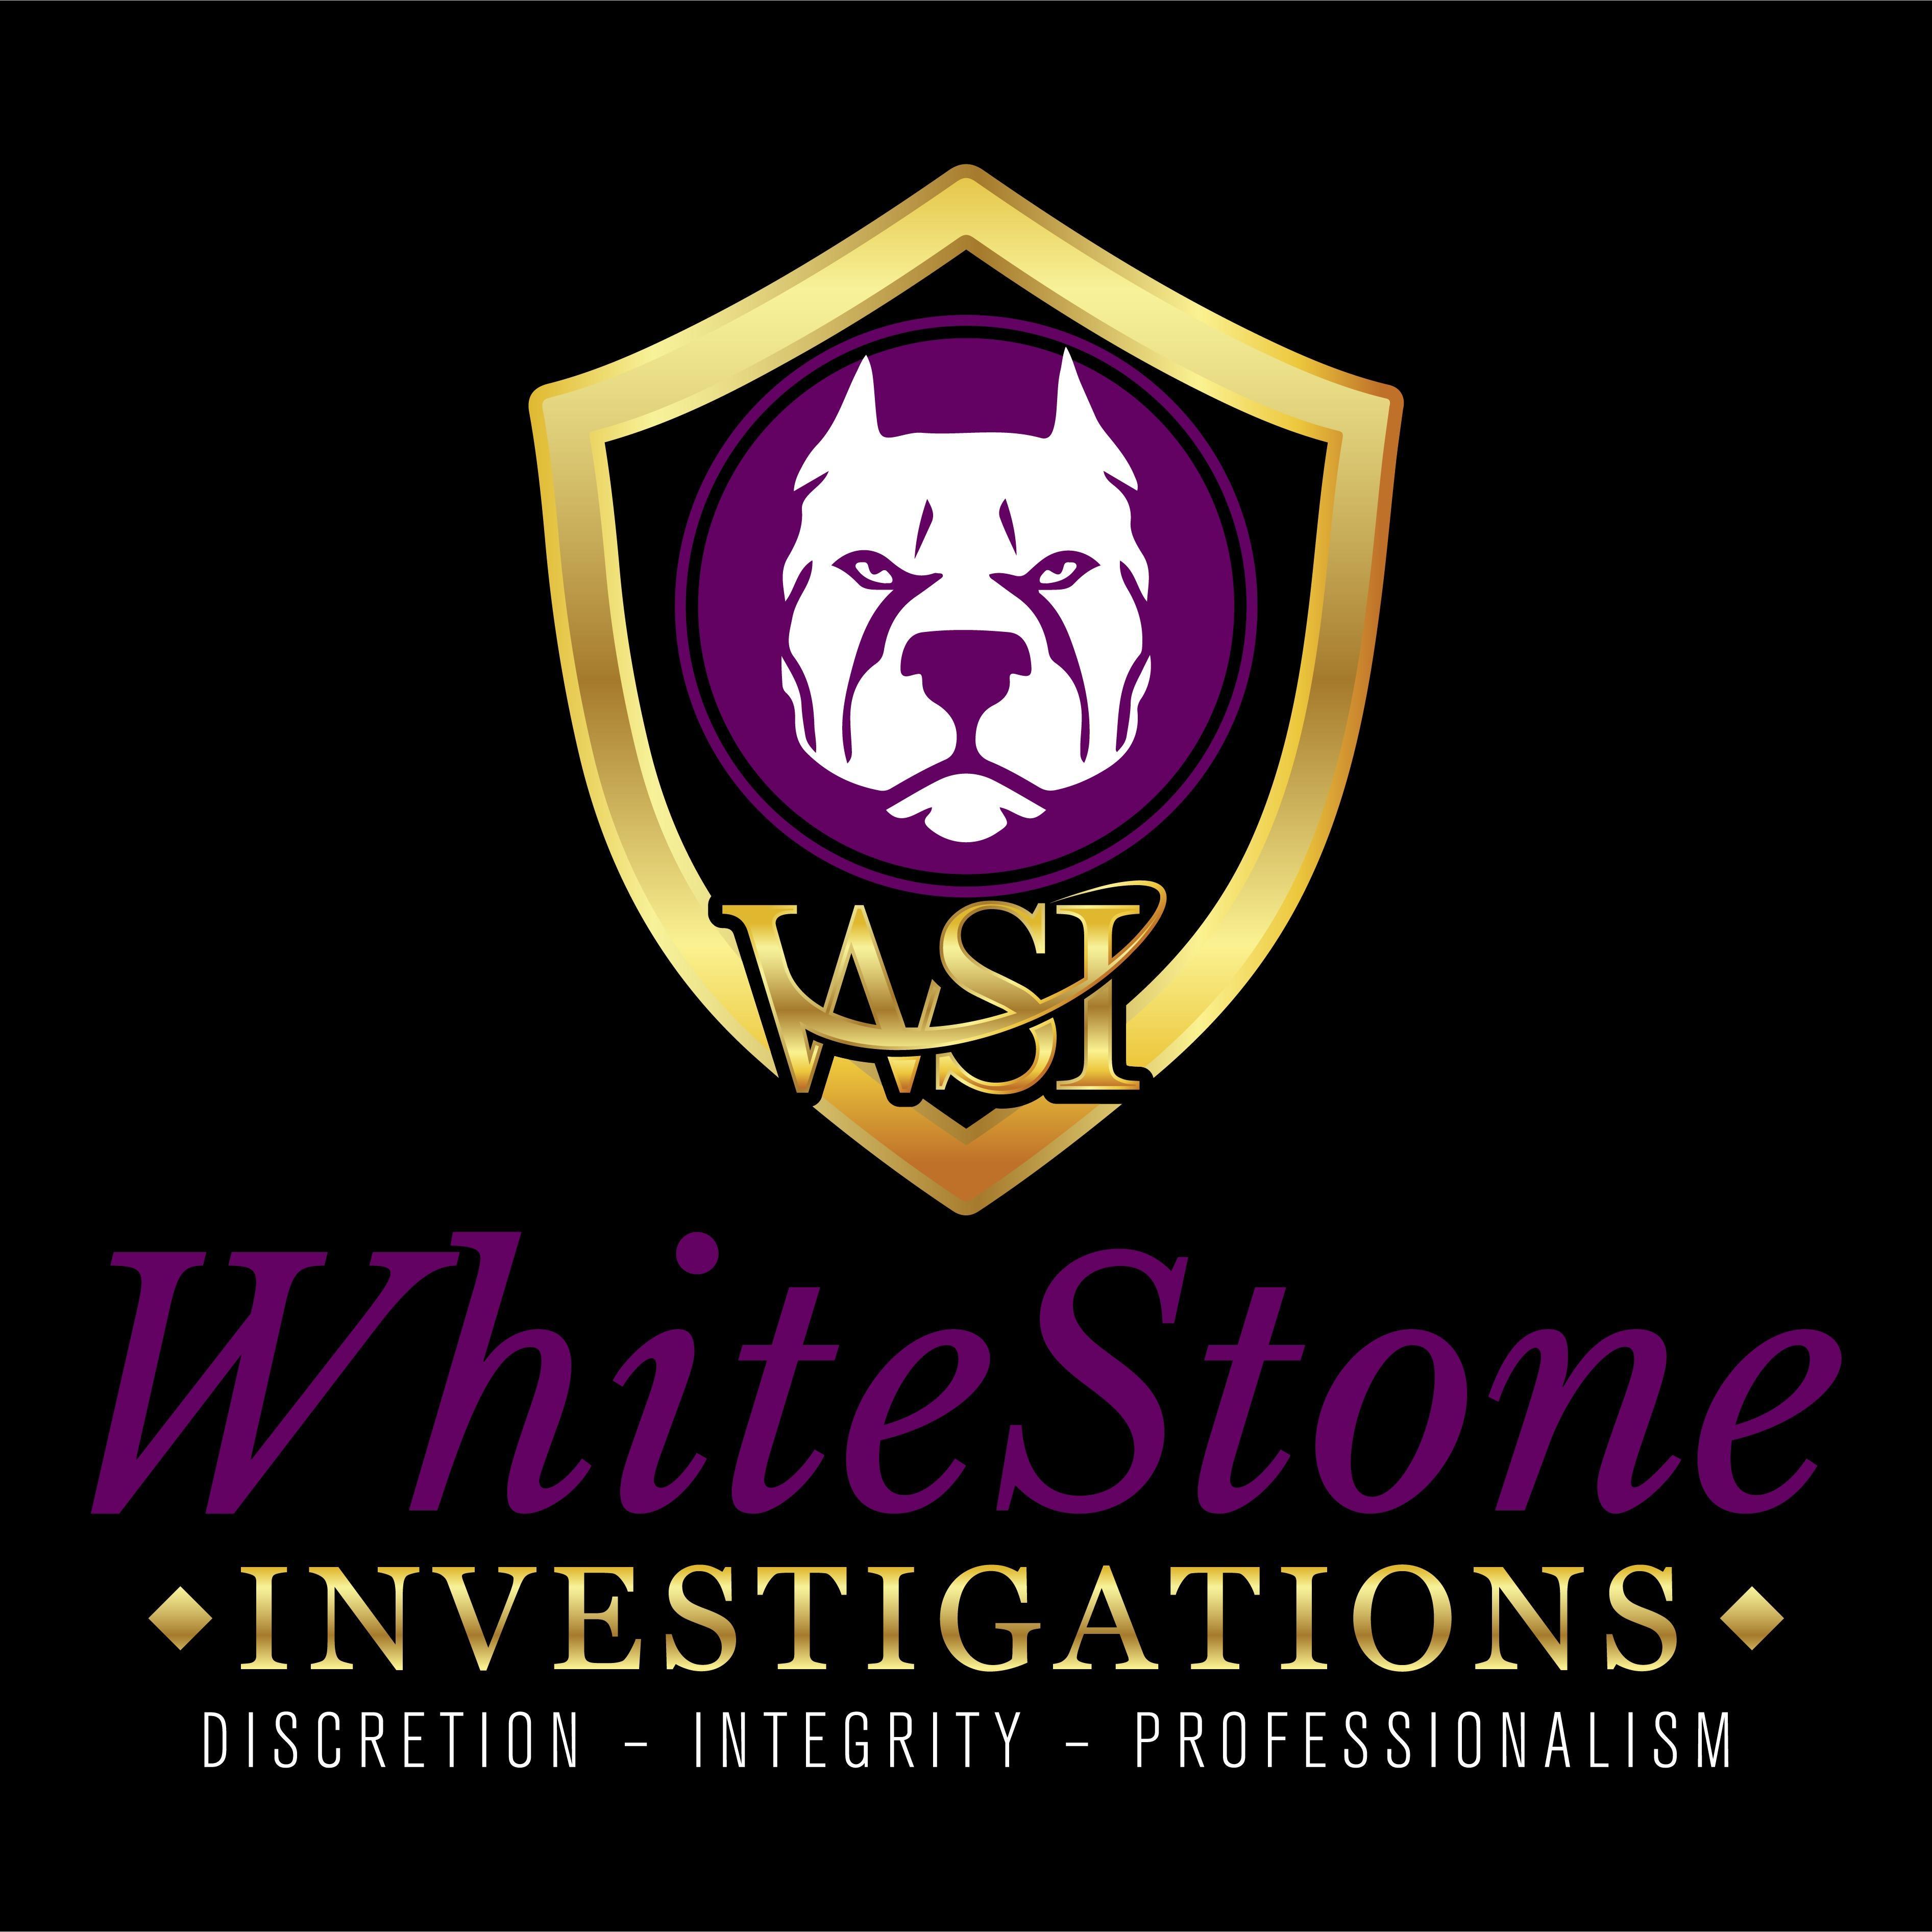 WhiteStone Investigations, Inc.